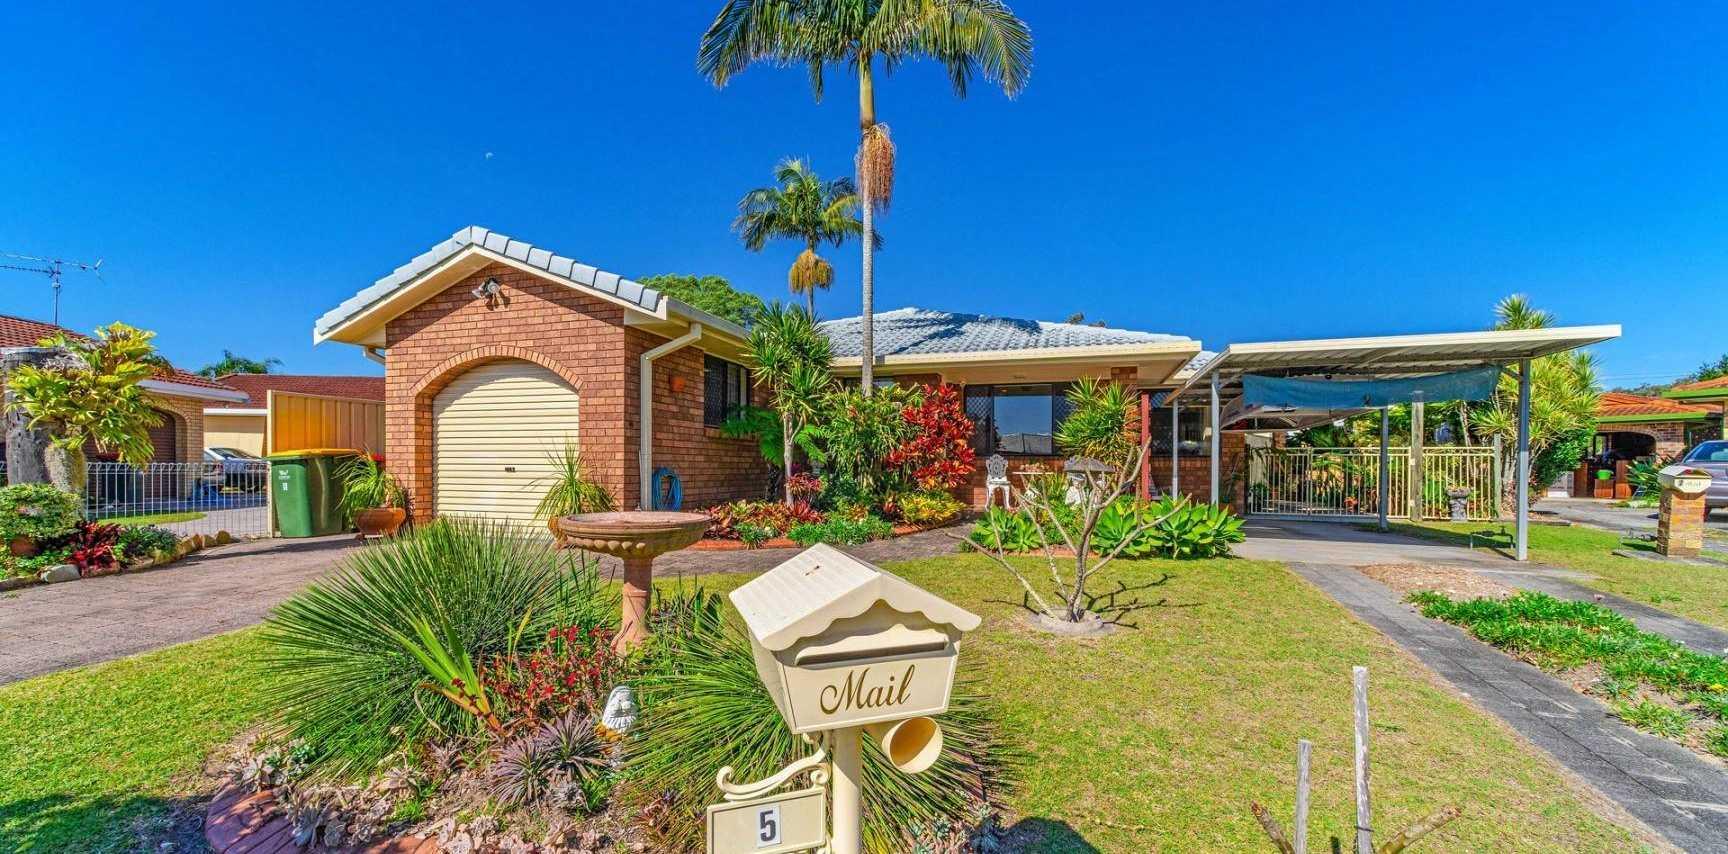 5 Melia Place, Yamba, $610,000, Raine and Horne Yamba